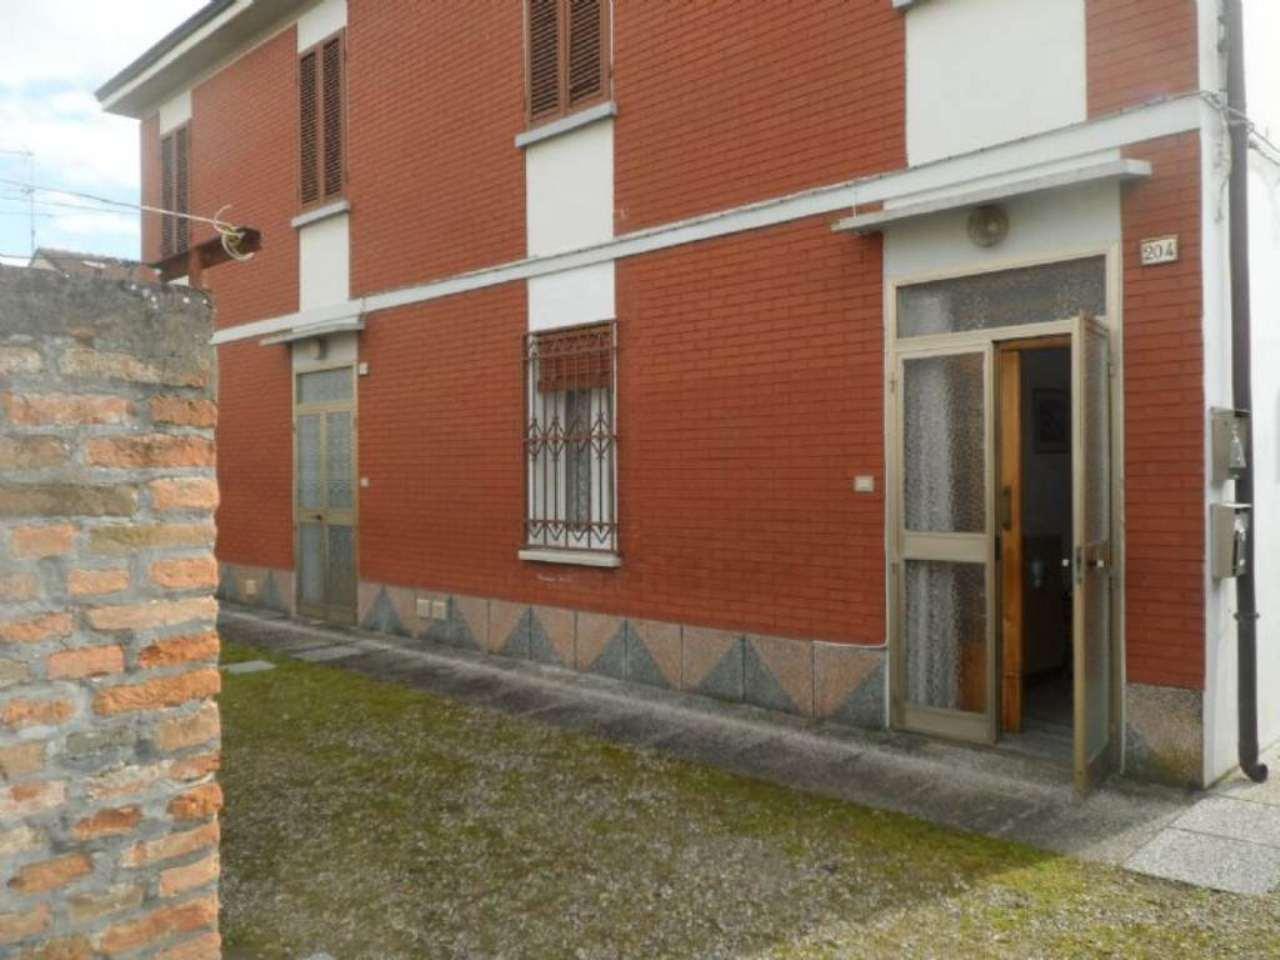 Soluzione Indipendente in vendita a Argenta, 5 locali, prezzo € 120.000 | CambioCasa.it